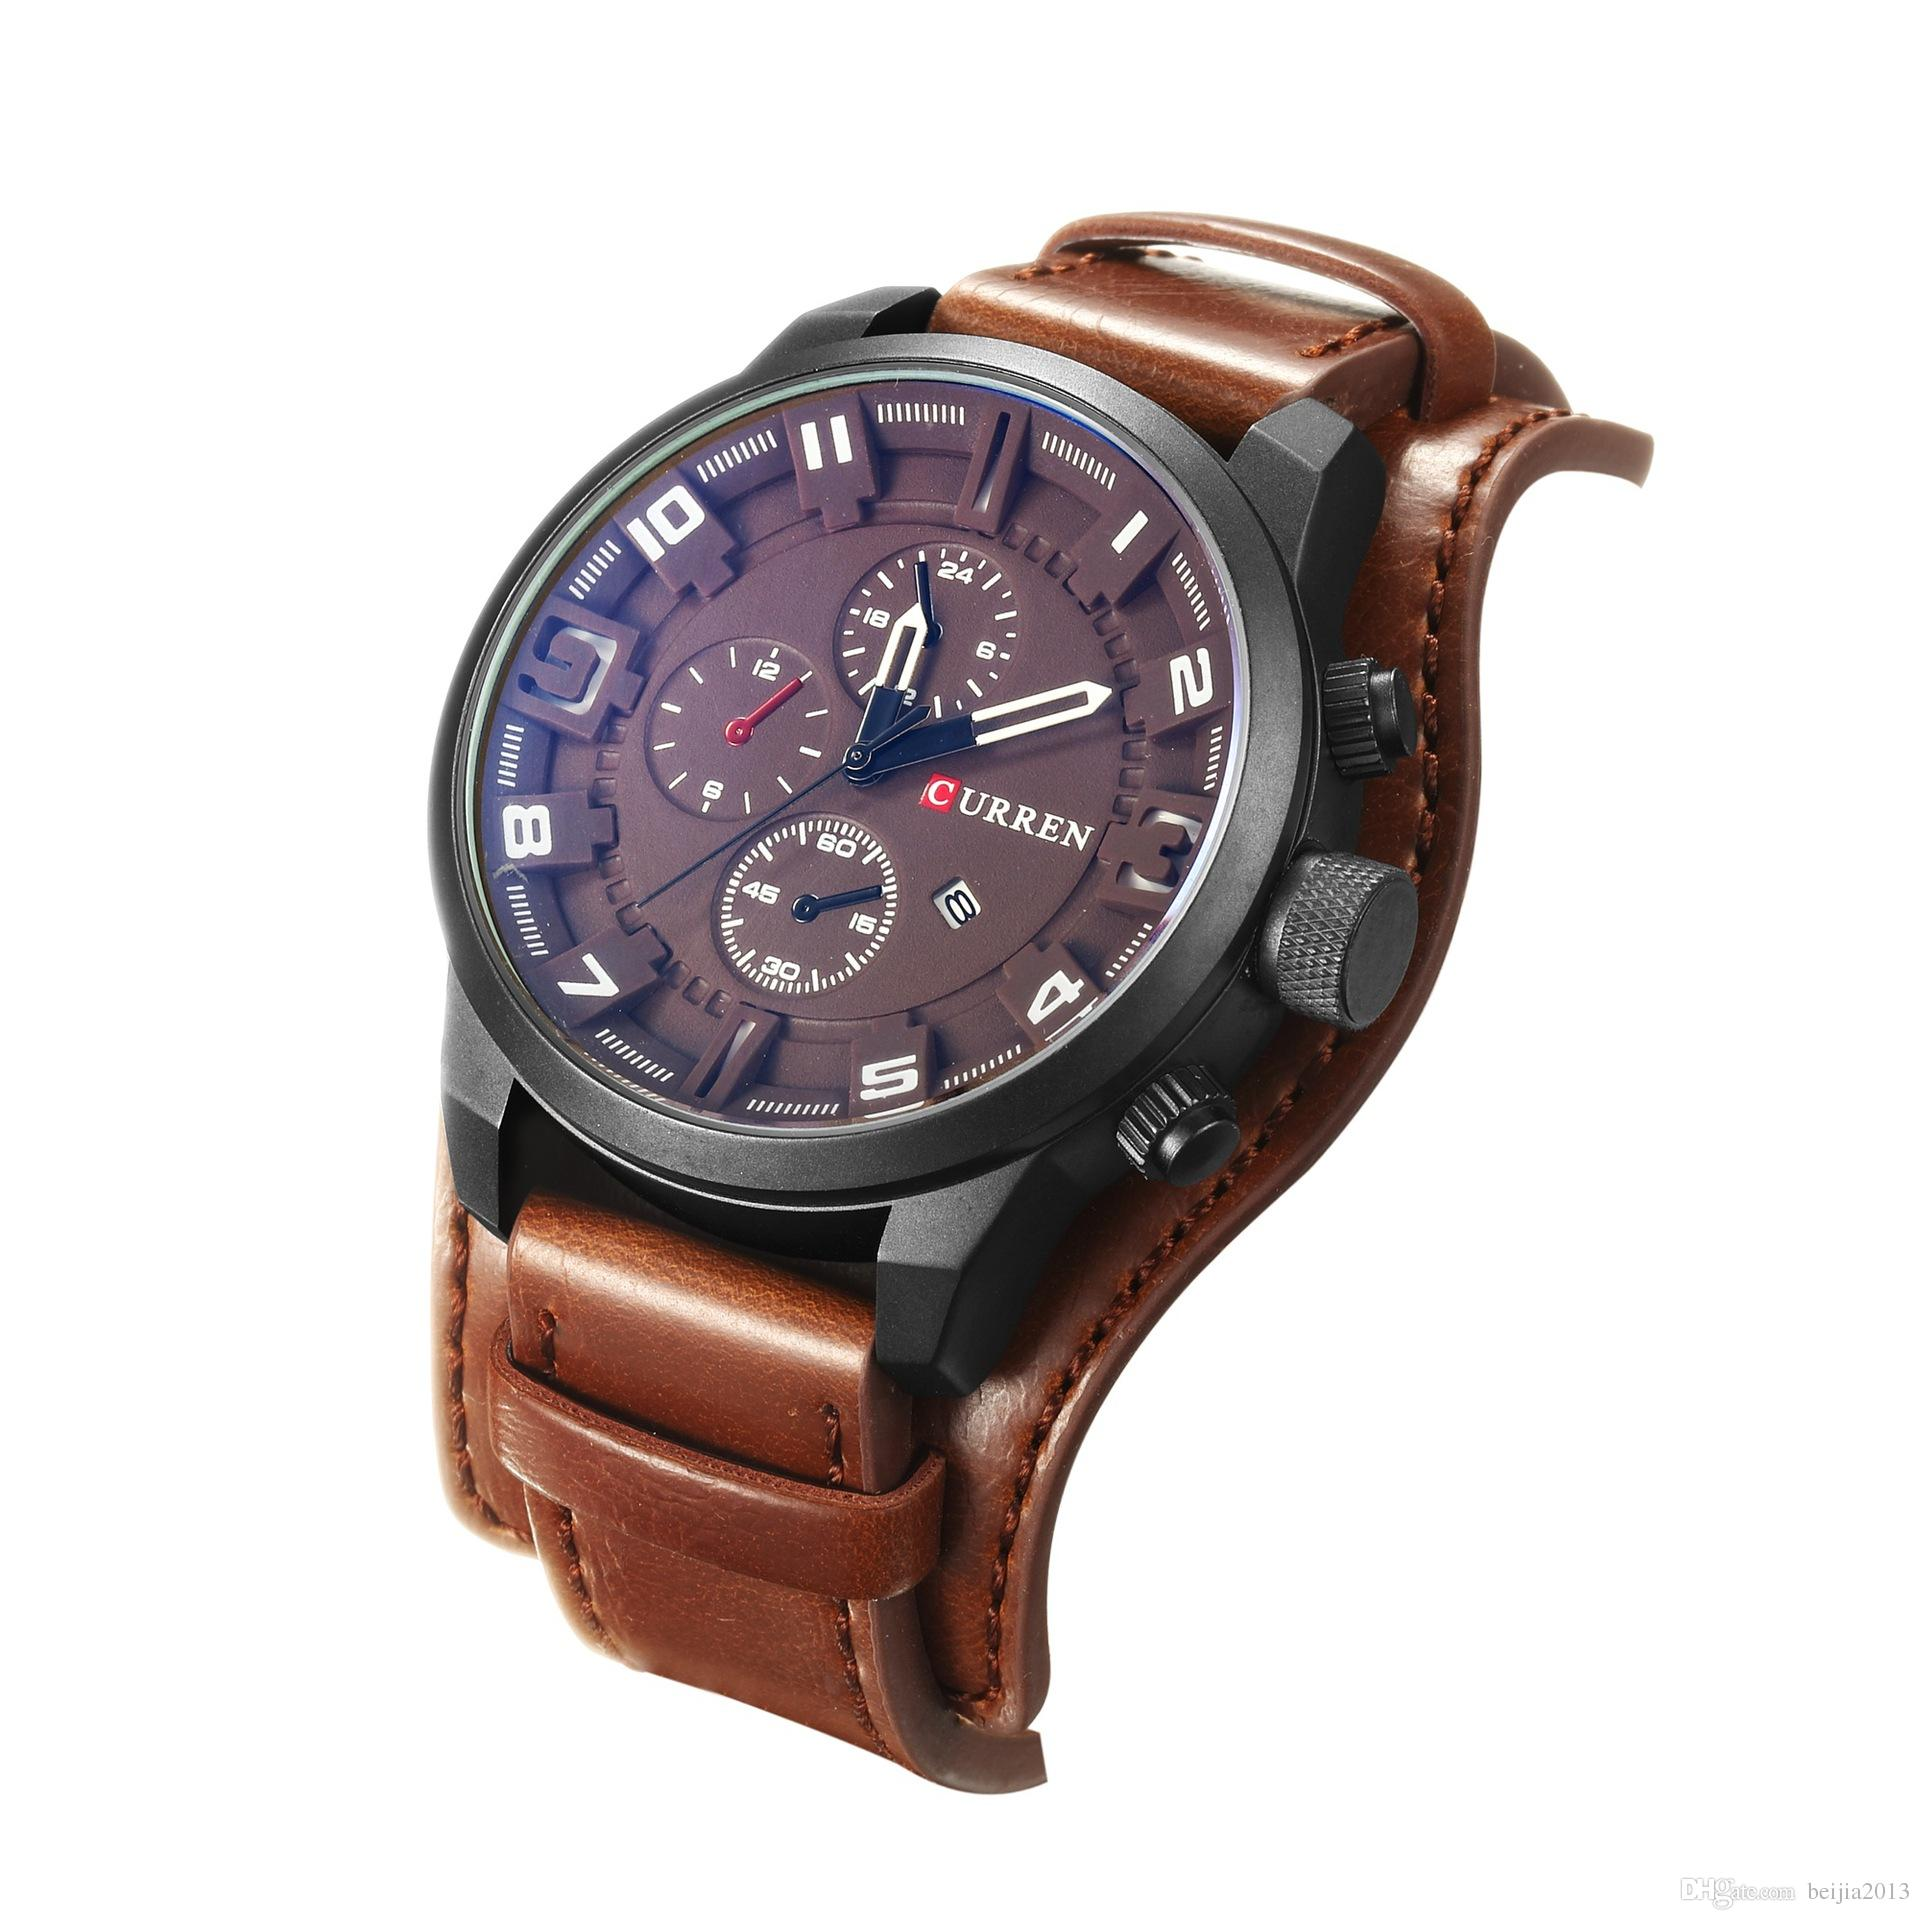 ebbd3d0b225 Relogio Masculino Curren 8225 Mens Watches Top Brand Luxury Men S Sport  Quartz Watch Leather Casual Sport Men Clock Wristwatches Sale Watch Online  Watches ...